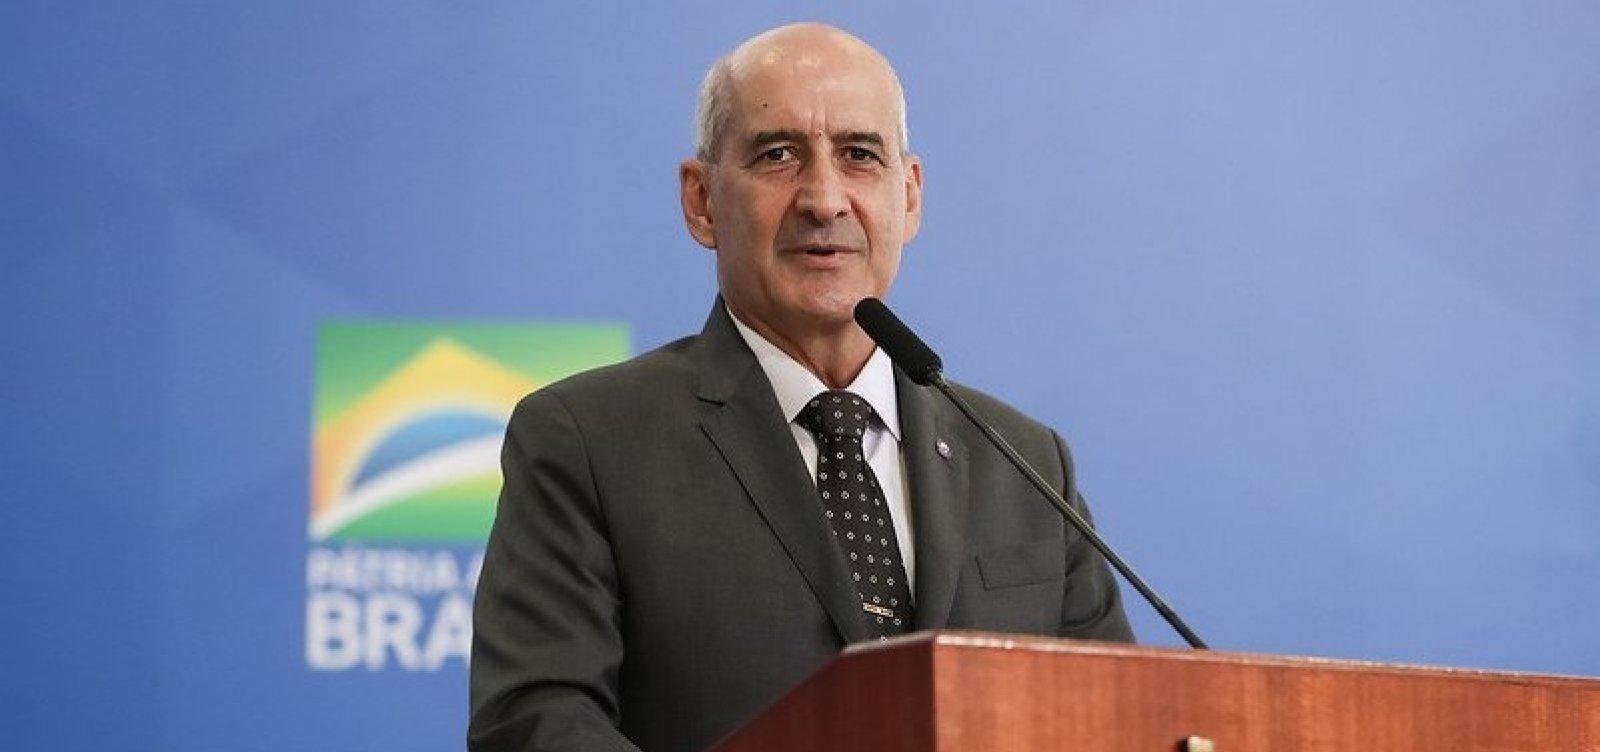 [Ministro anuncia valor de novas parcelas do auxílio, mas apaga publicação em seguida]